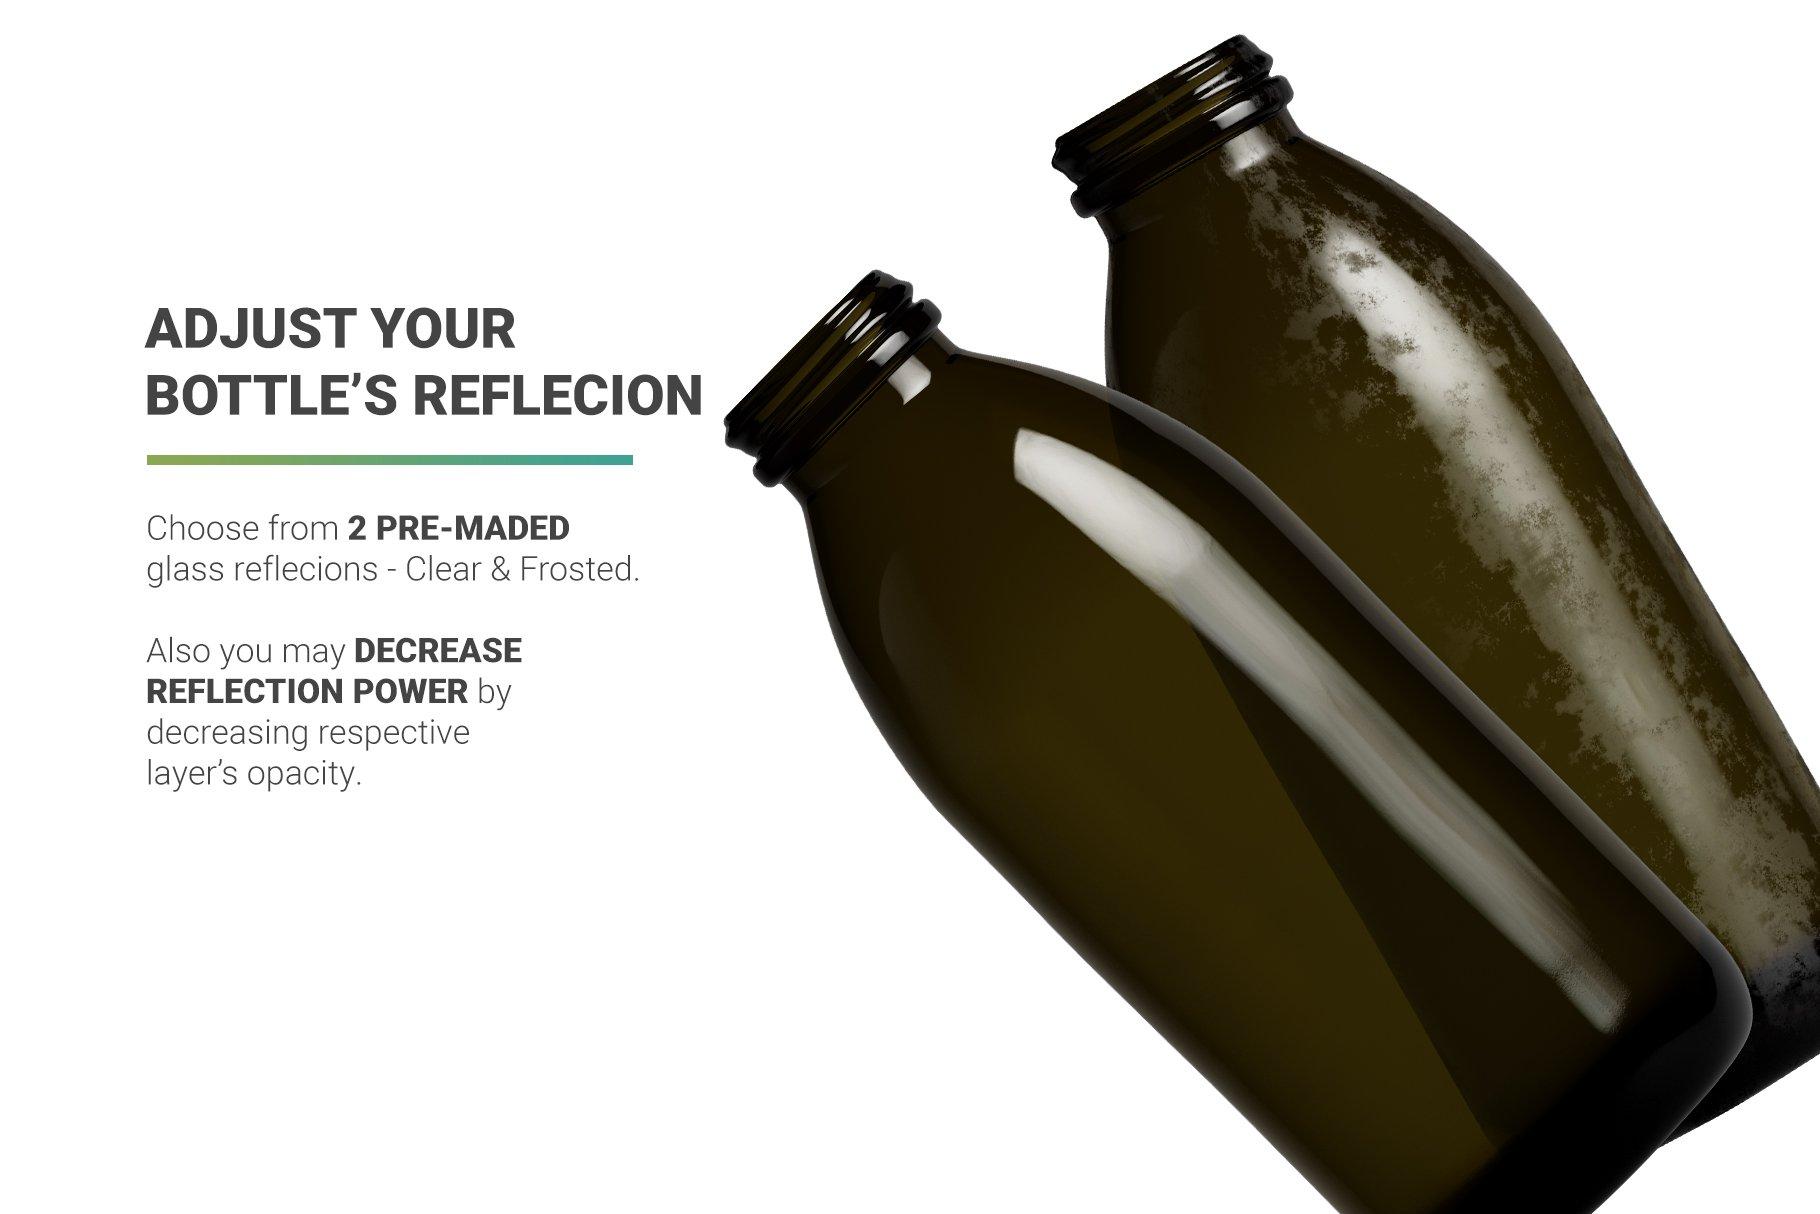 高分辨率鲜奶玻璃瓶设计展示贴图样机 Milk Cocoa Bottle Mockup插图2